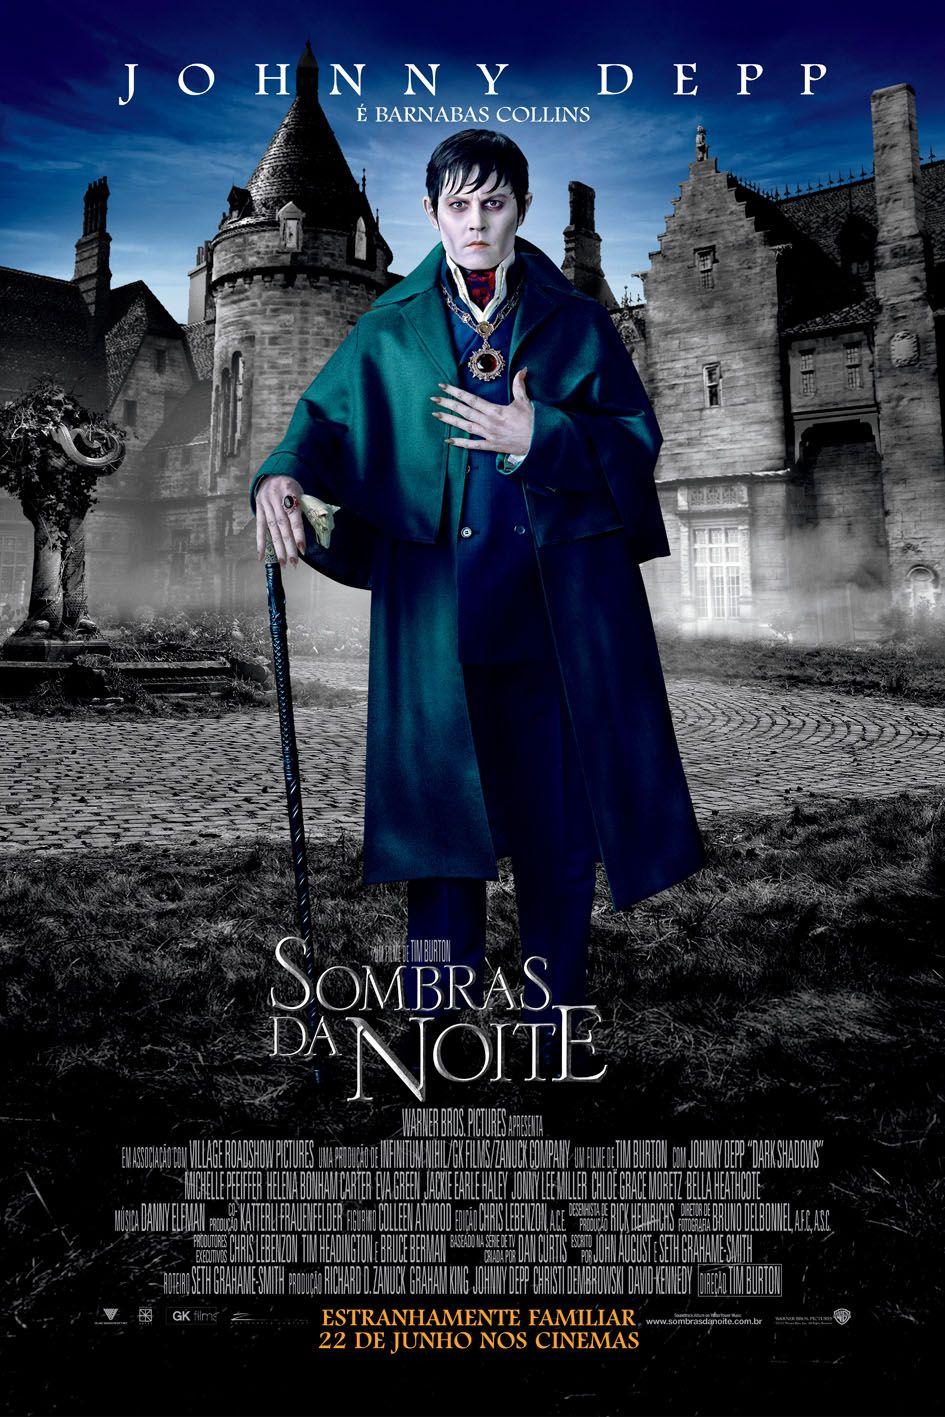 Sombras Da Noite Filme Com Tim Burton E Johnny Depp Ganha Mais Cartazes Brasileiros Filmes De Johnny Depp Sombras Da Noite Capas De Filmes